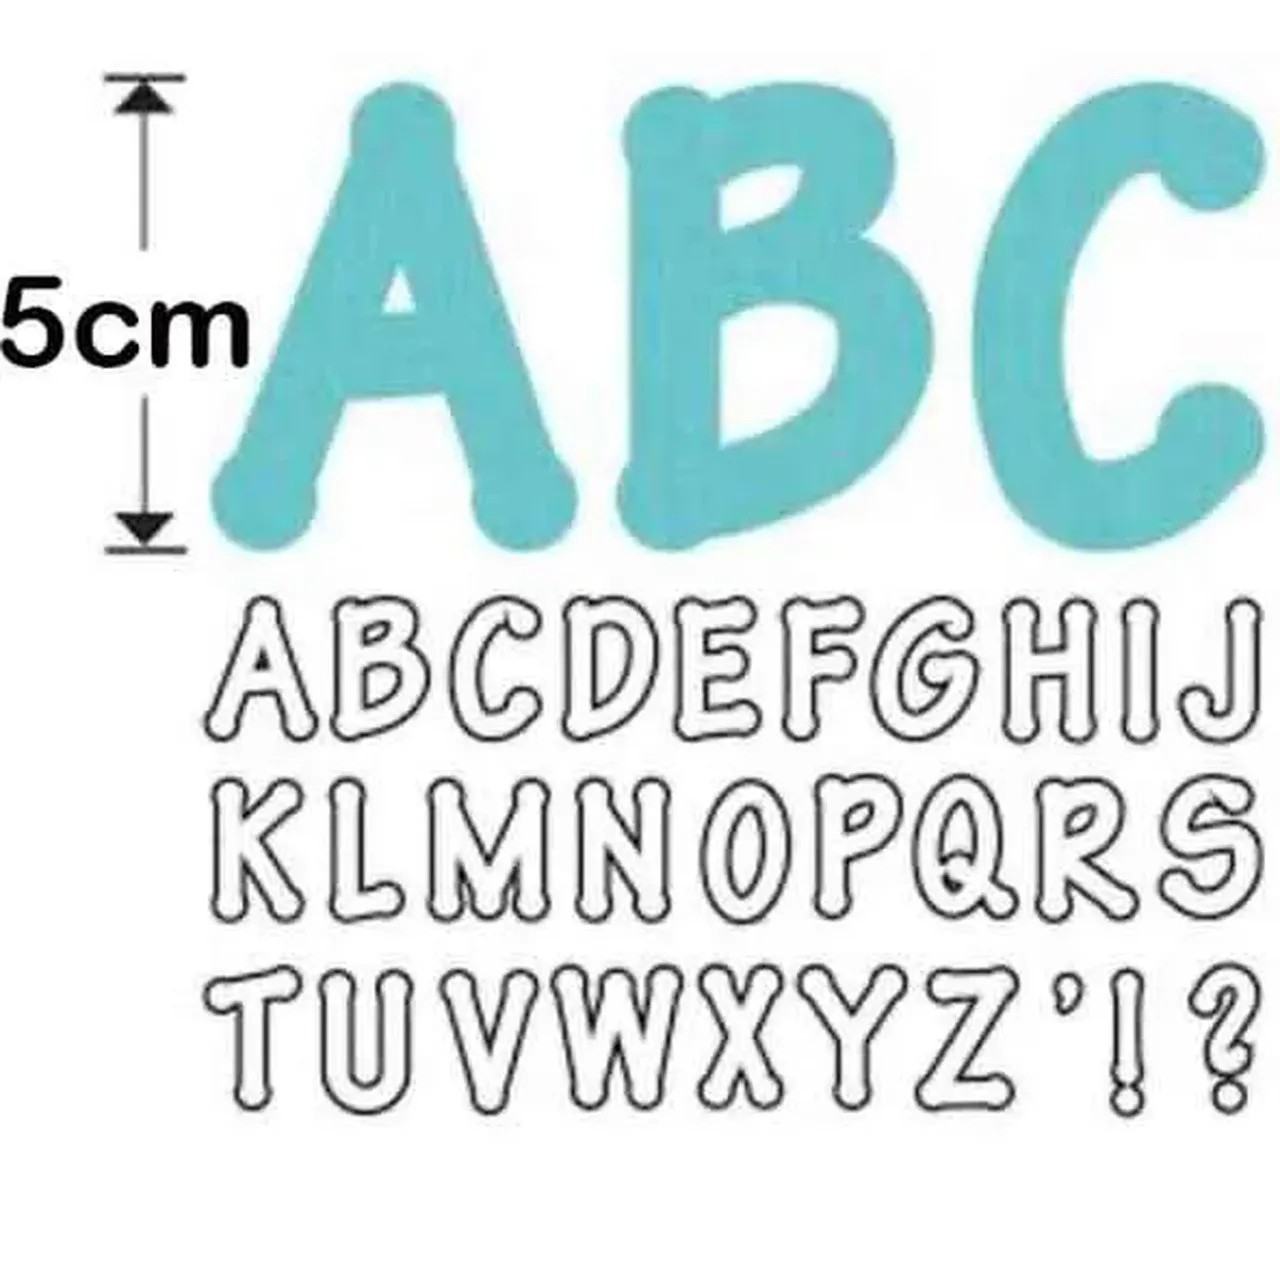 alfabeto 5cm de altura